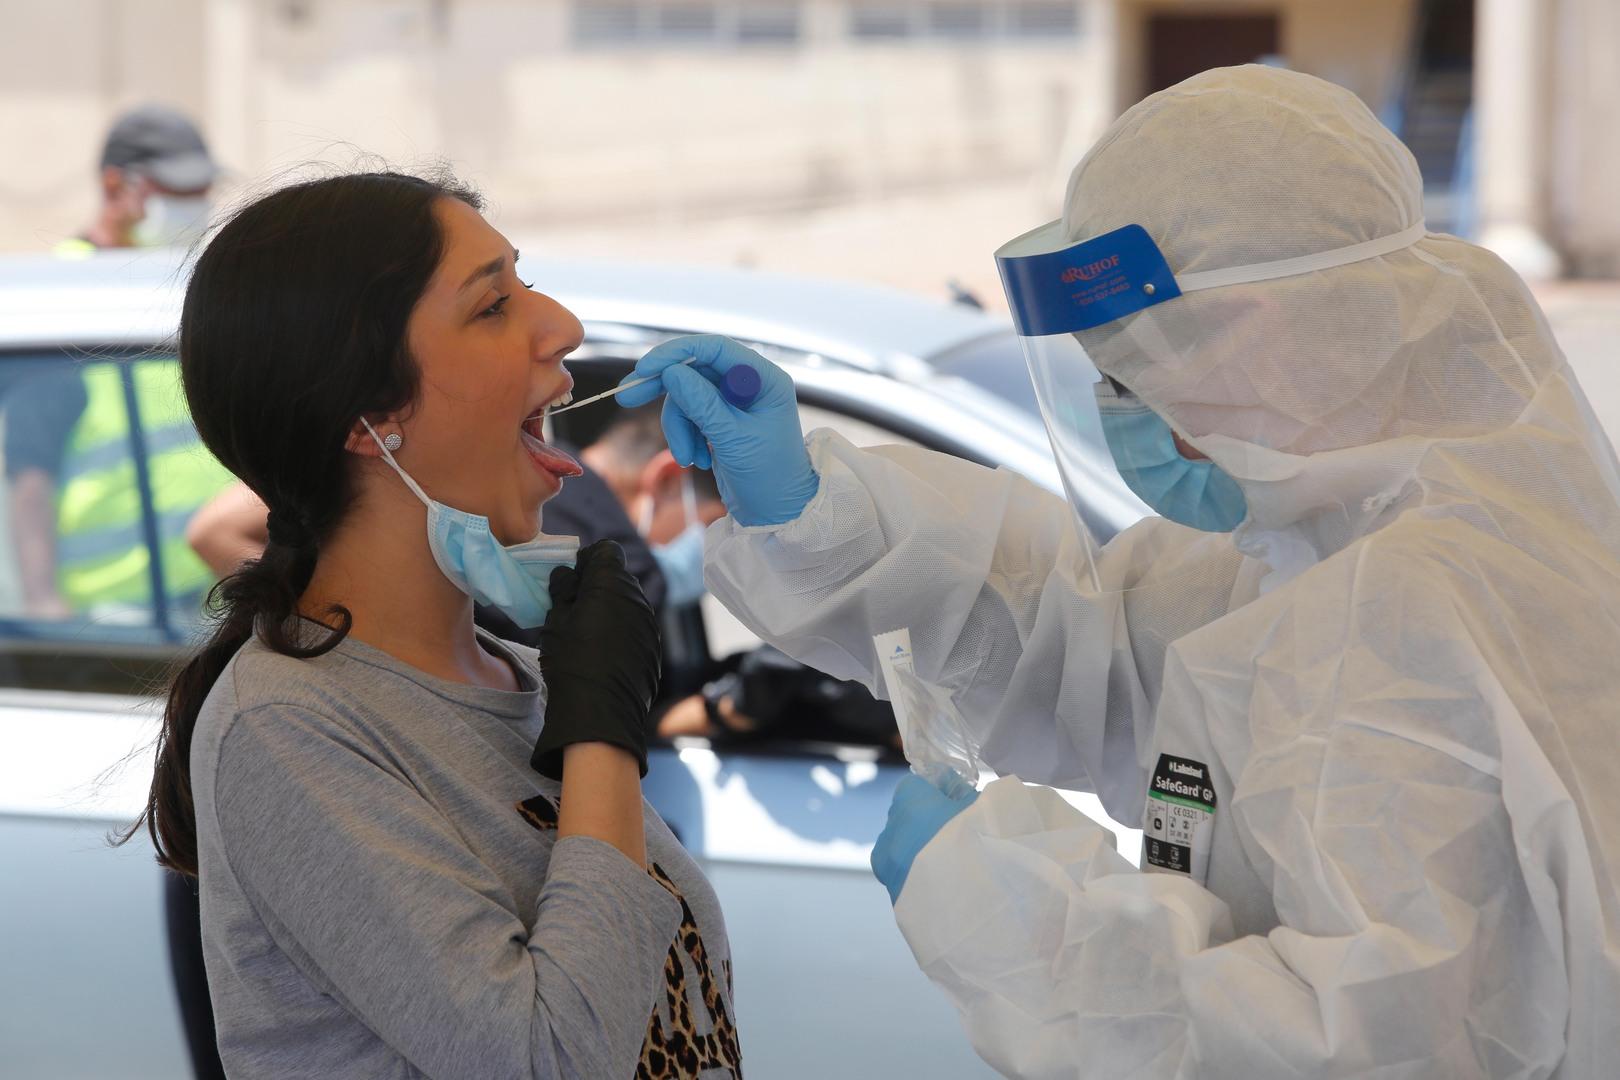 كورونا في إسرائيل.. عدد الحالات النشطة يقترب من 30 ألفا